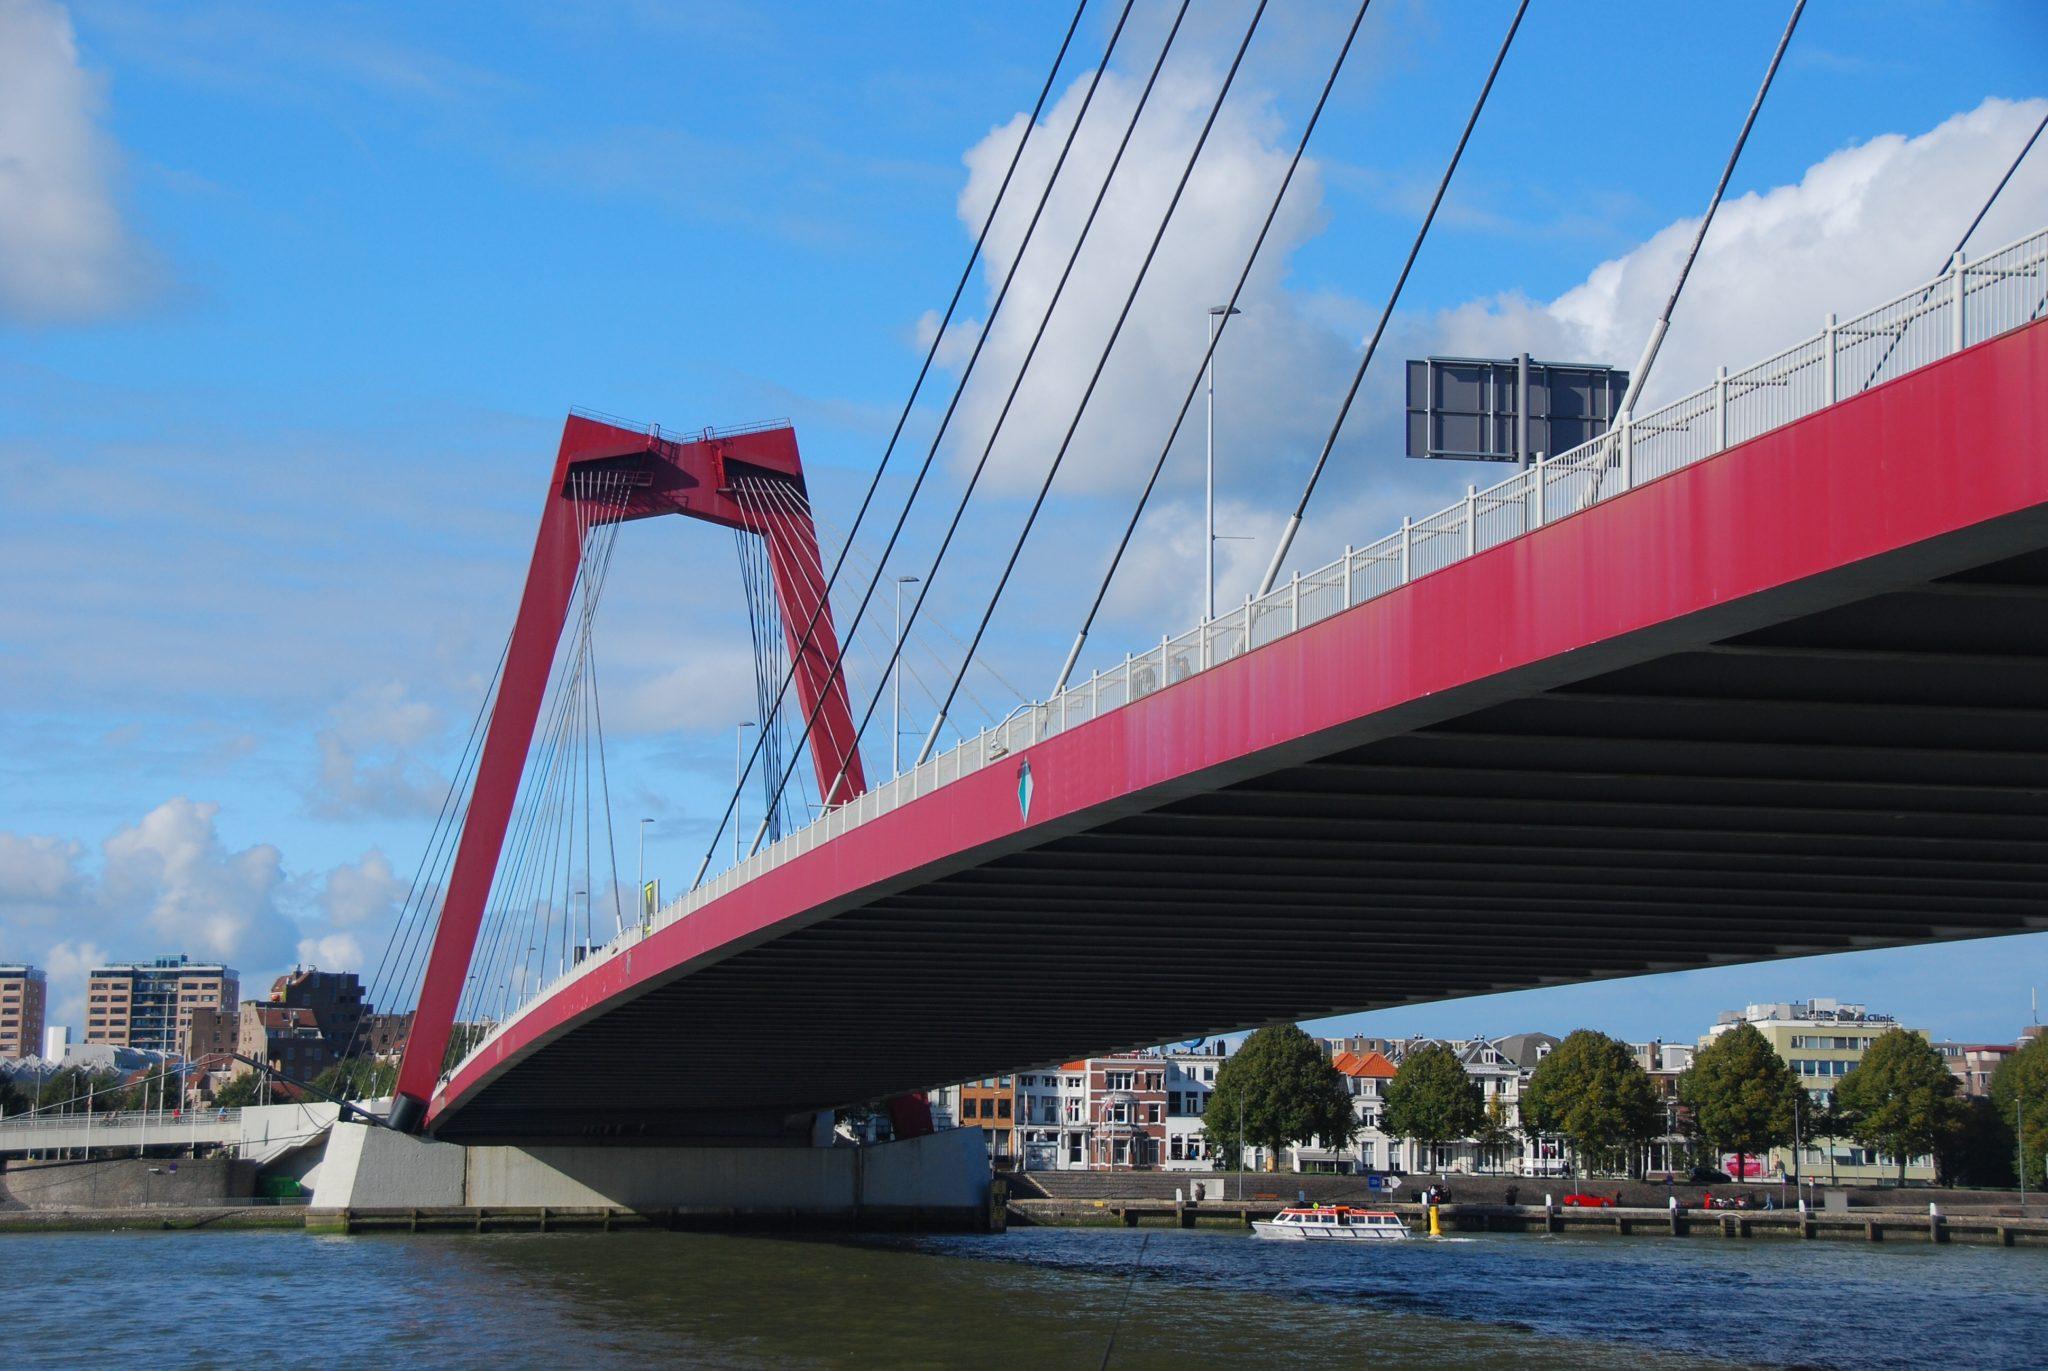 Willemsburg Rotterdam